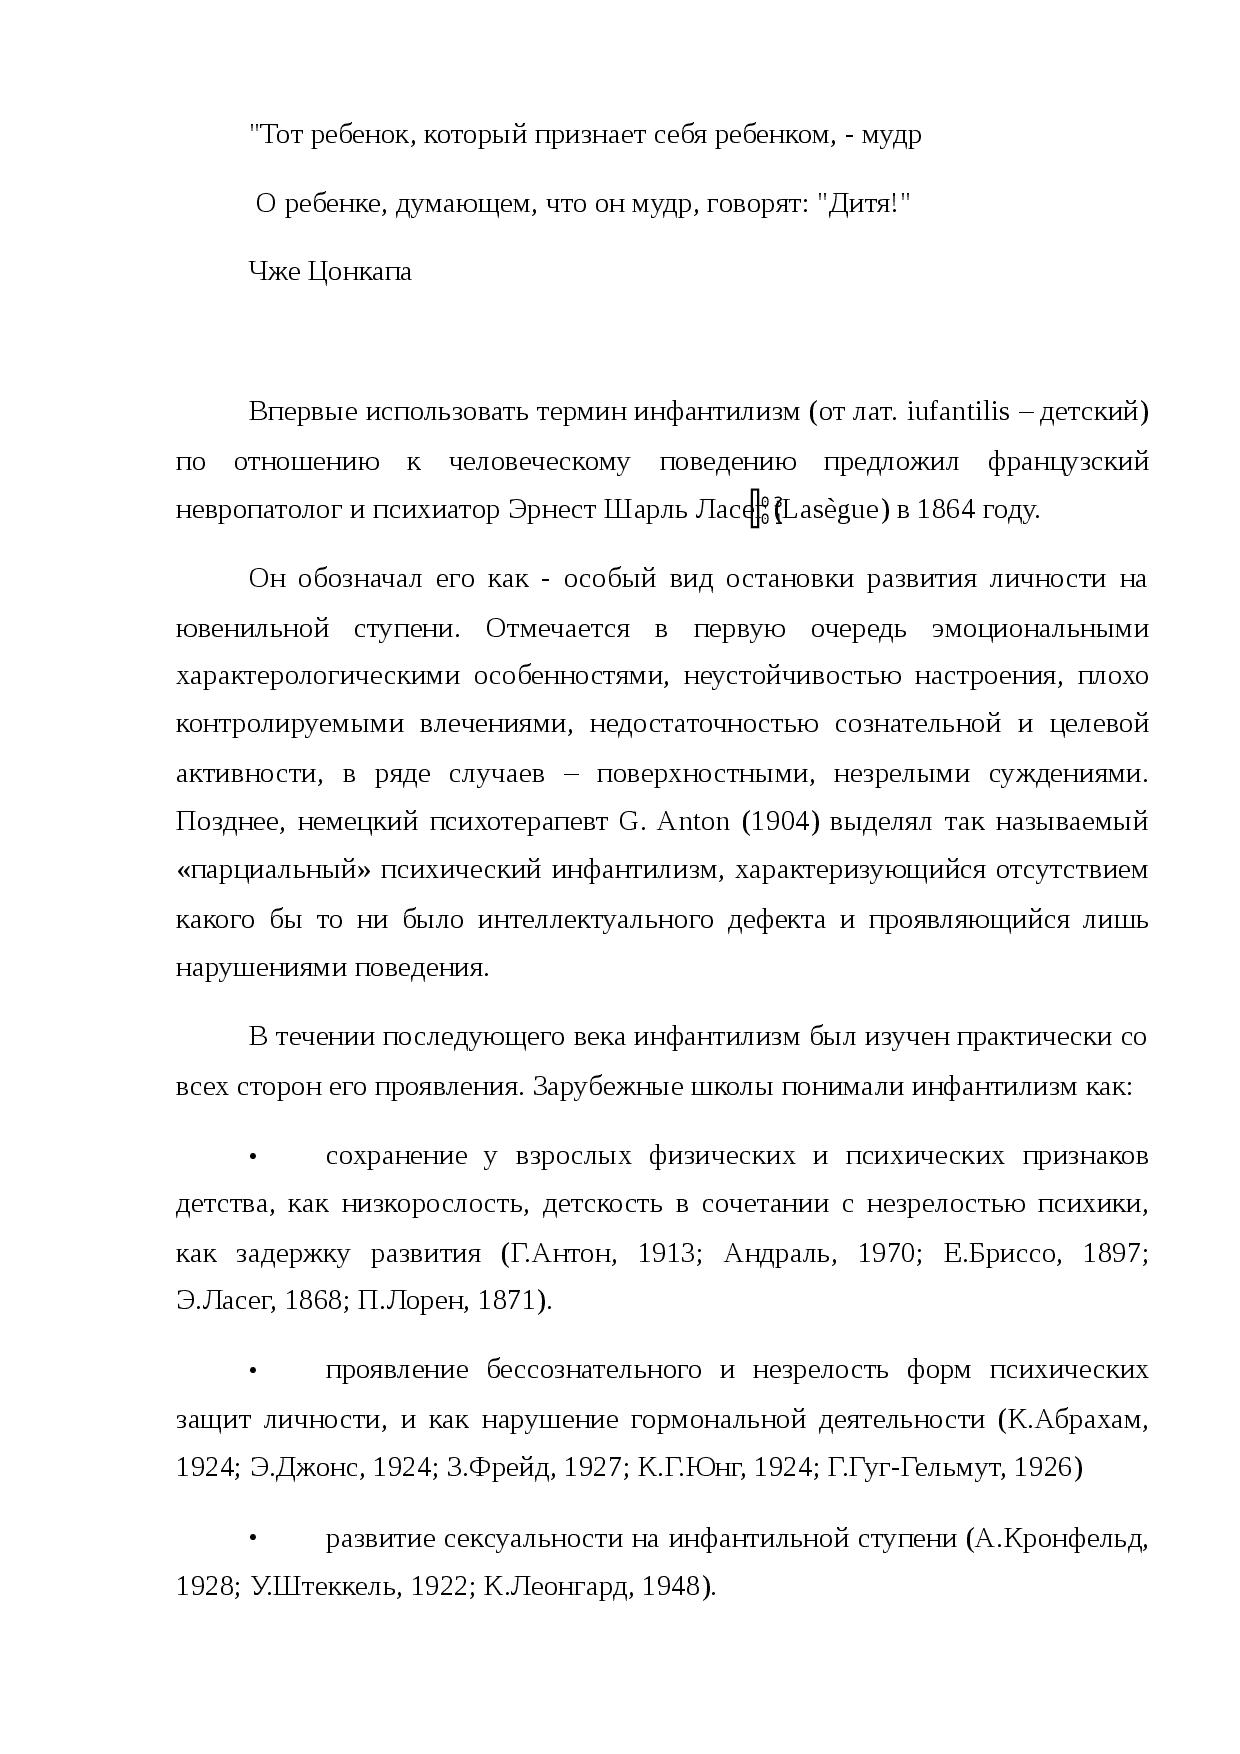 Журнал «медицина неотложных состояний» 2(21) 2009